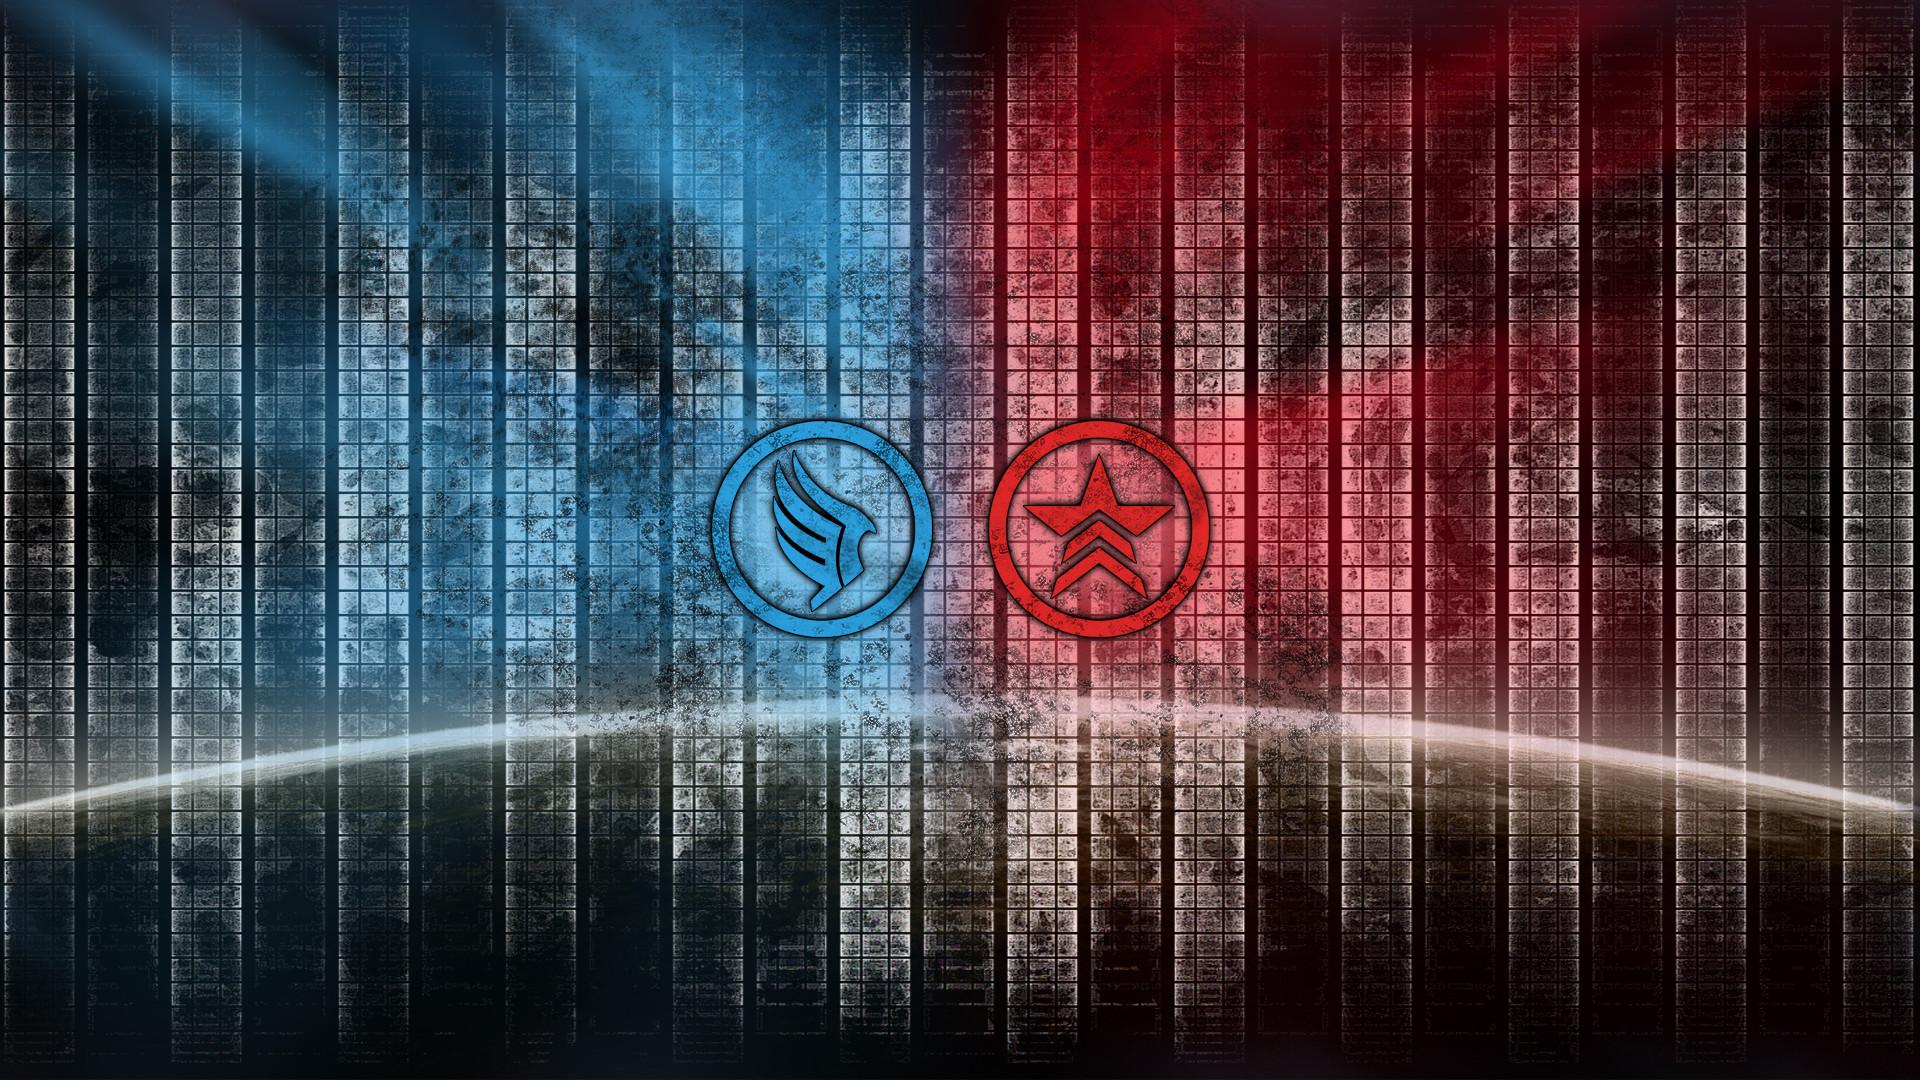 Mass Effect Wallpaper Iphone